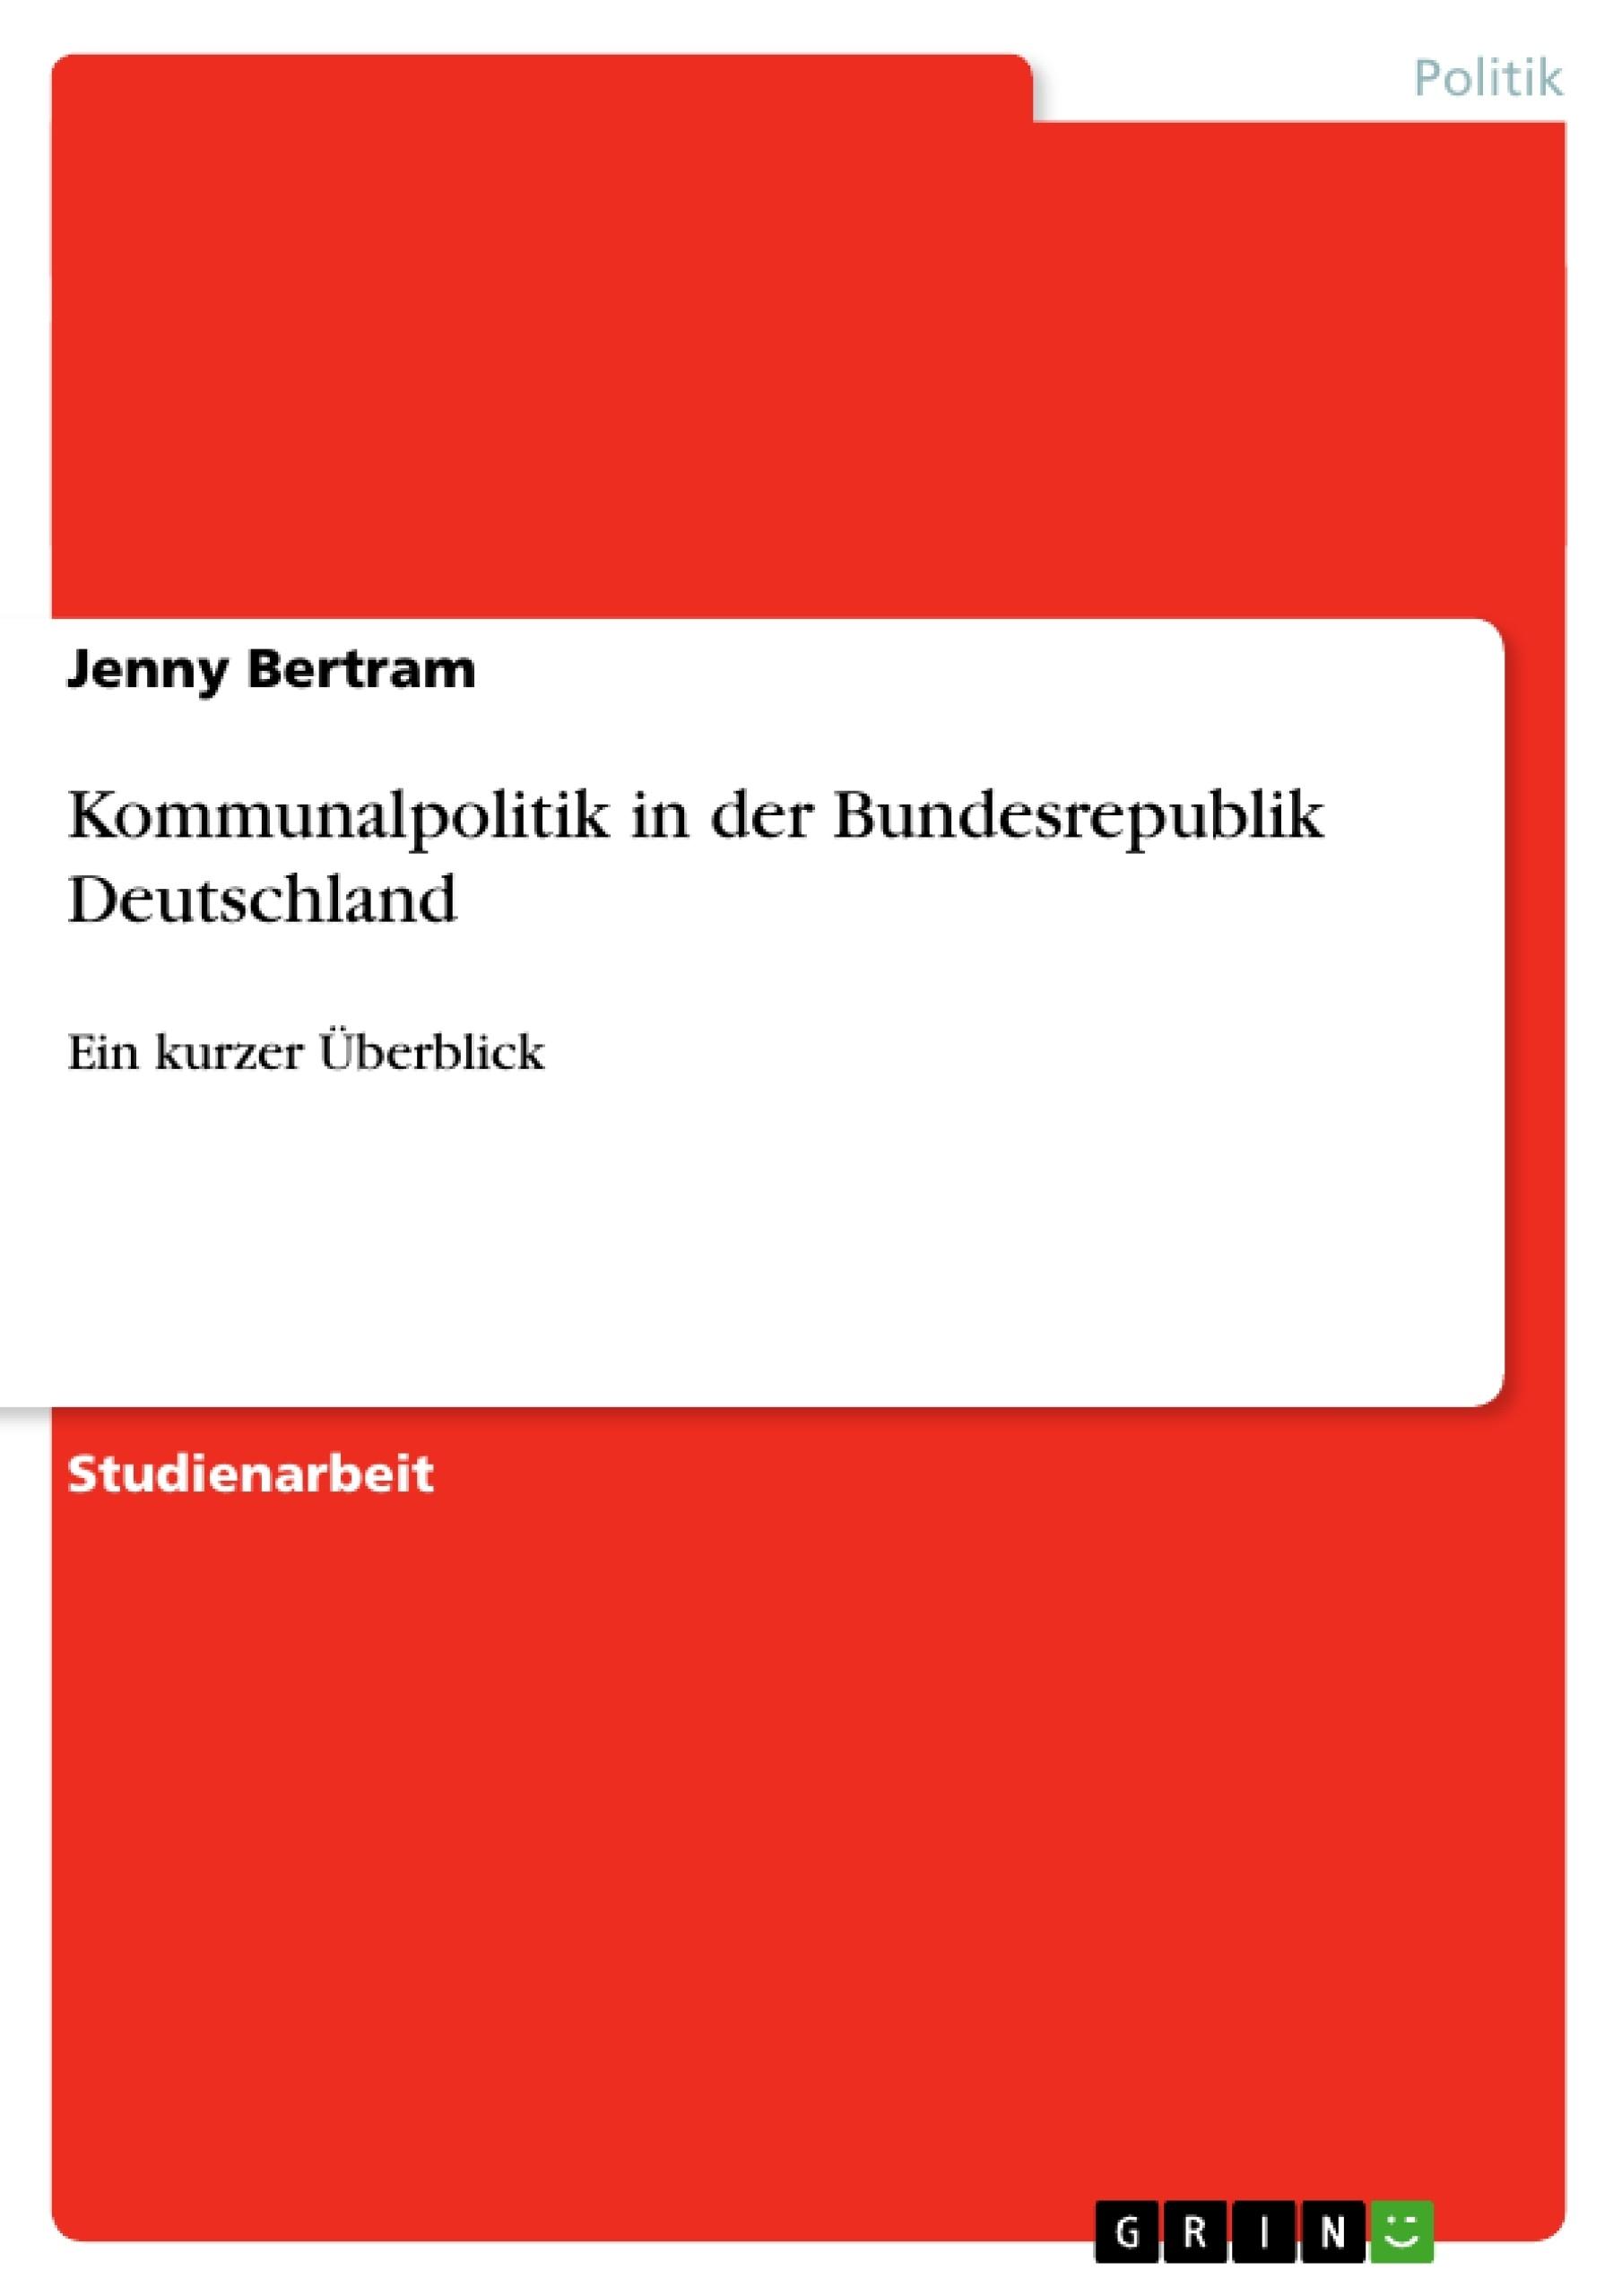 Titel: Kommunalpolitik in der Bundesrepublik Deutschland